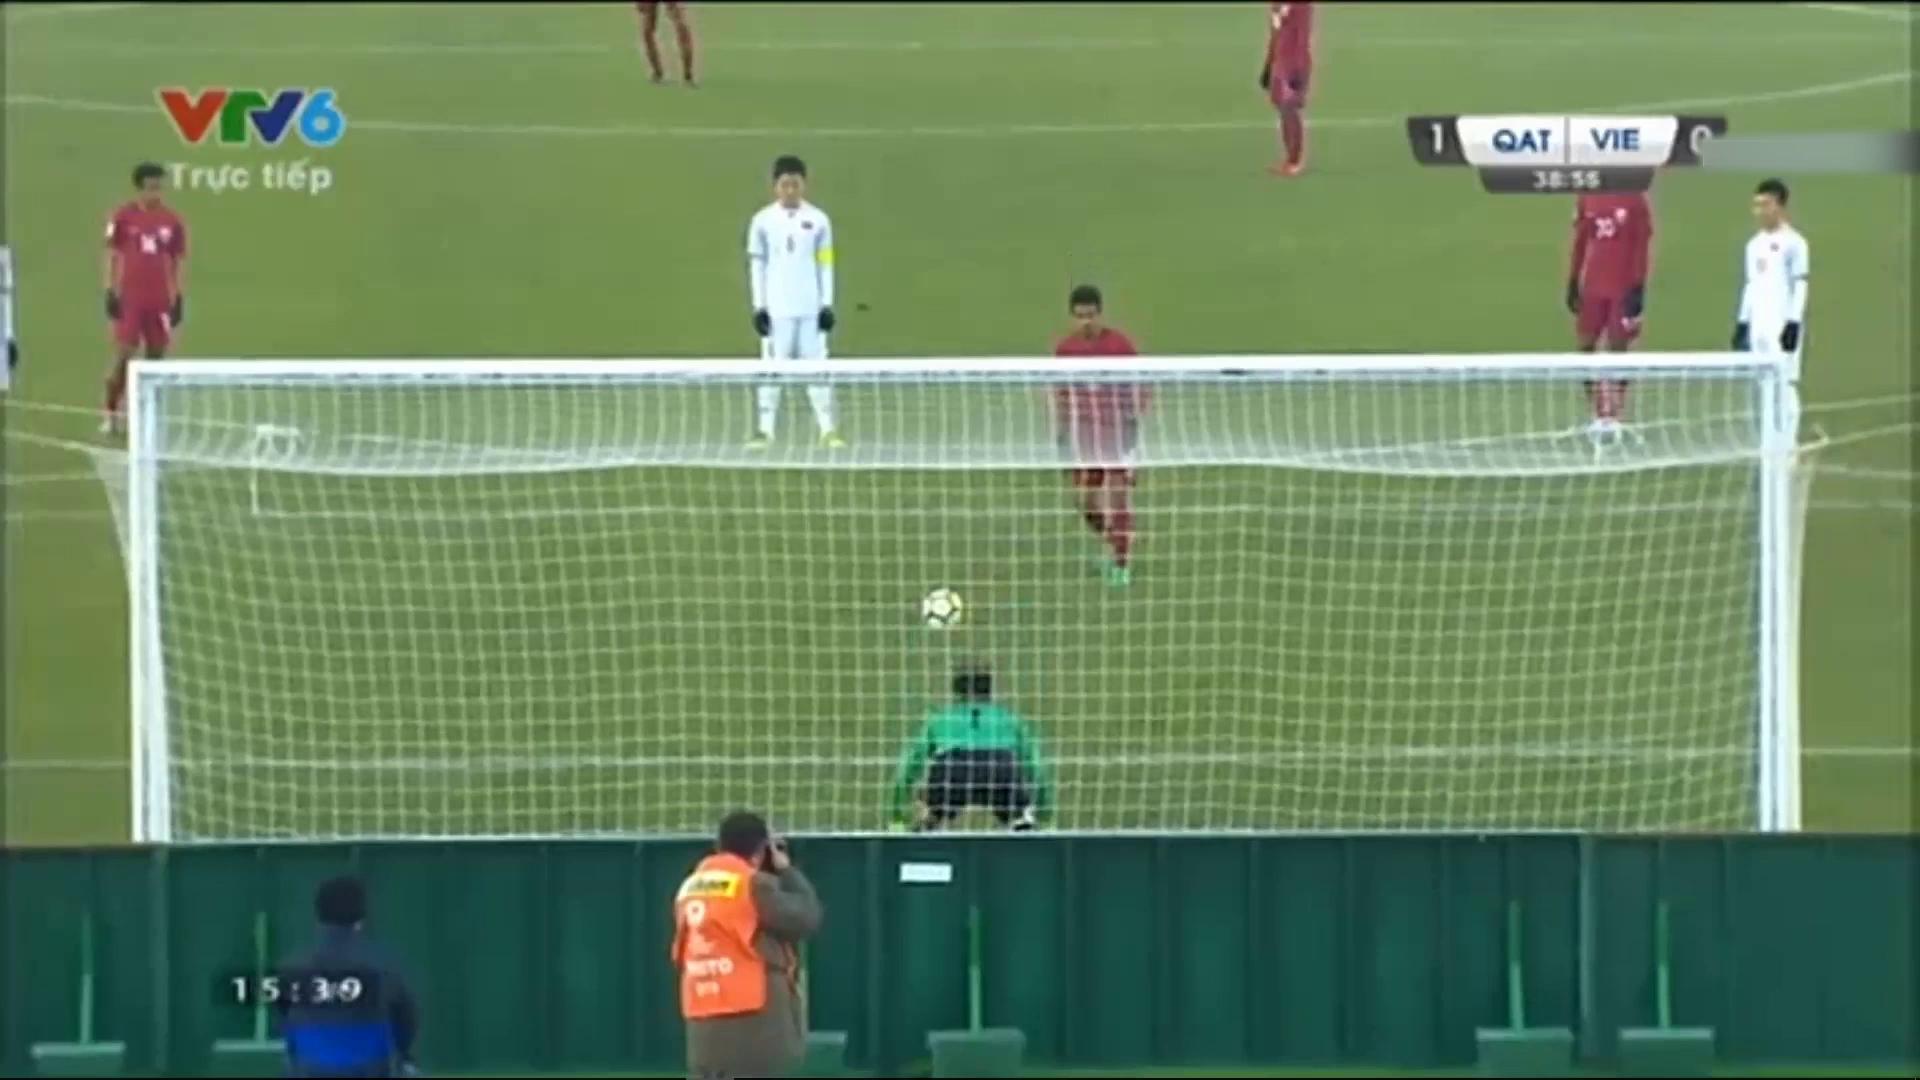 Bán kết U23 châu Á 2018: U23 Việt Nam 2-2 U23 Qatar (luân lưu 4-3)